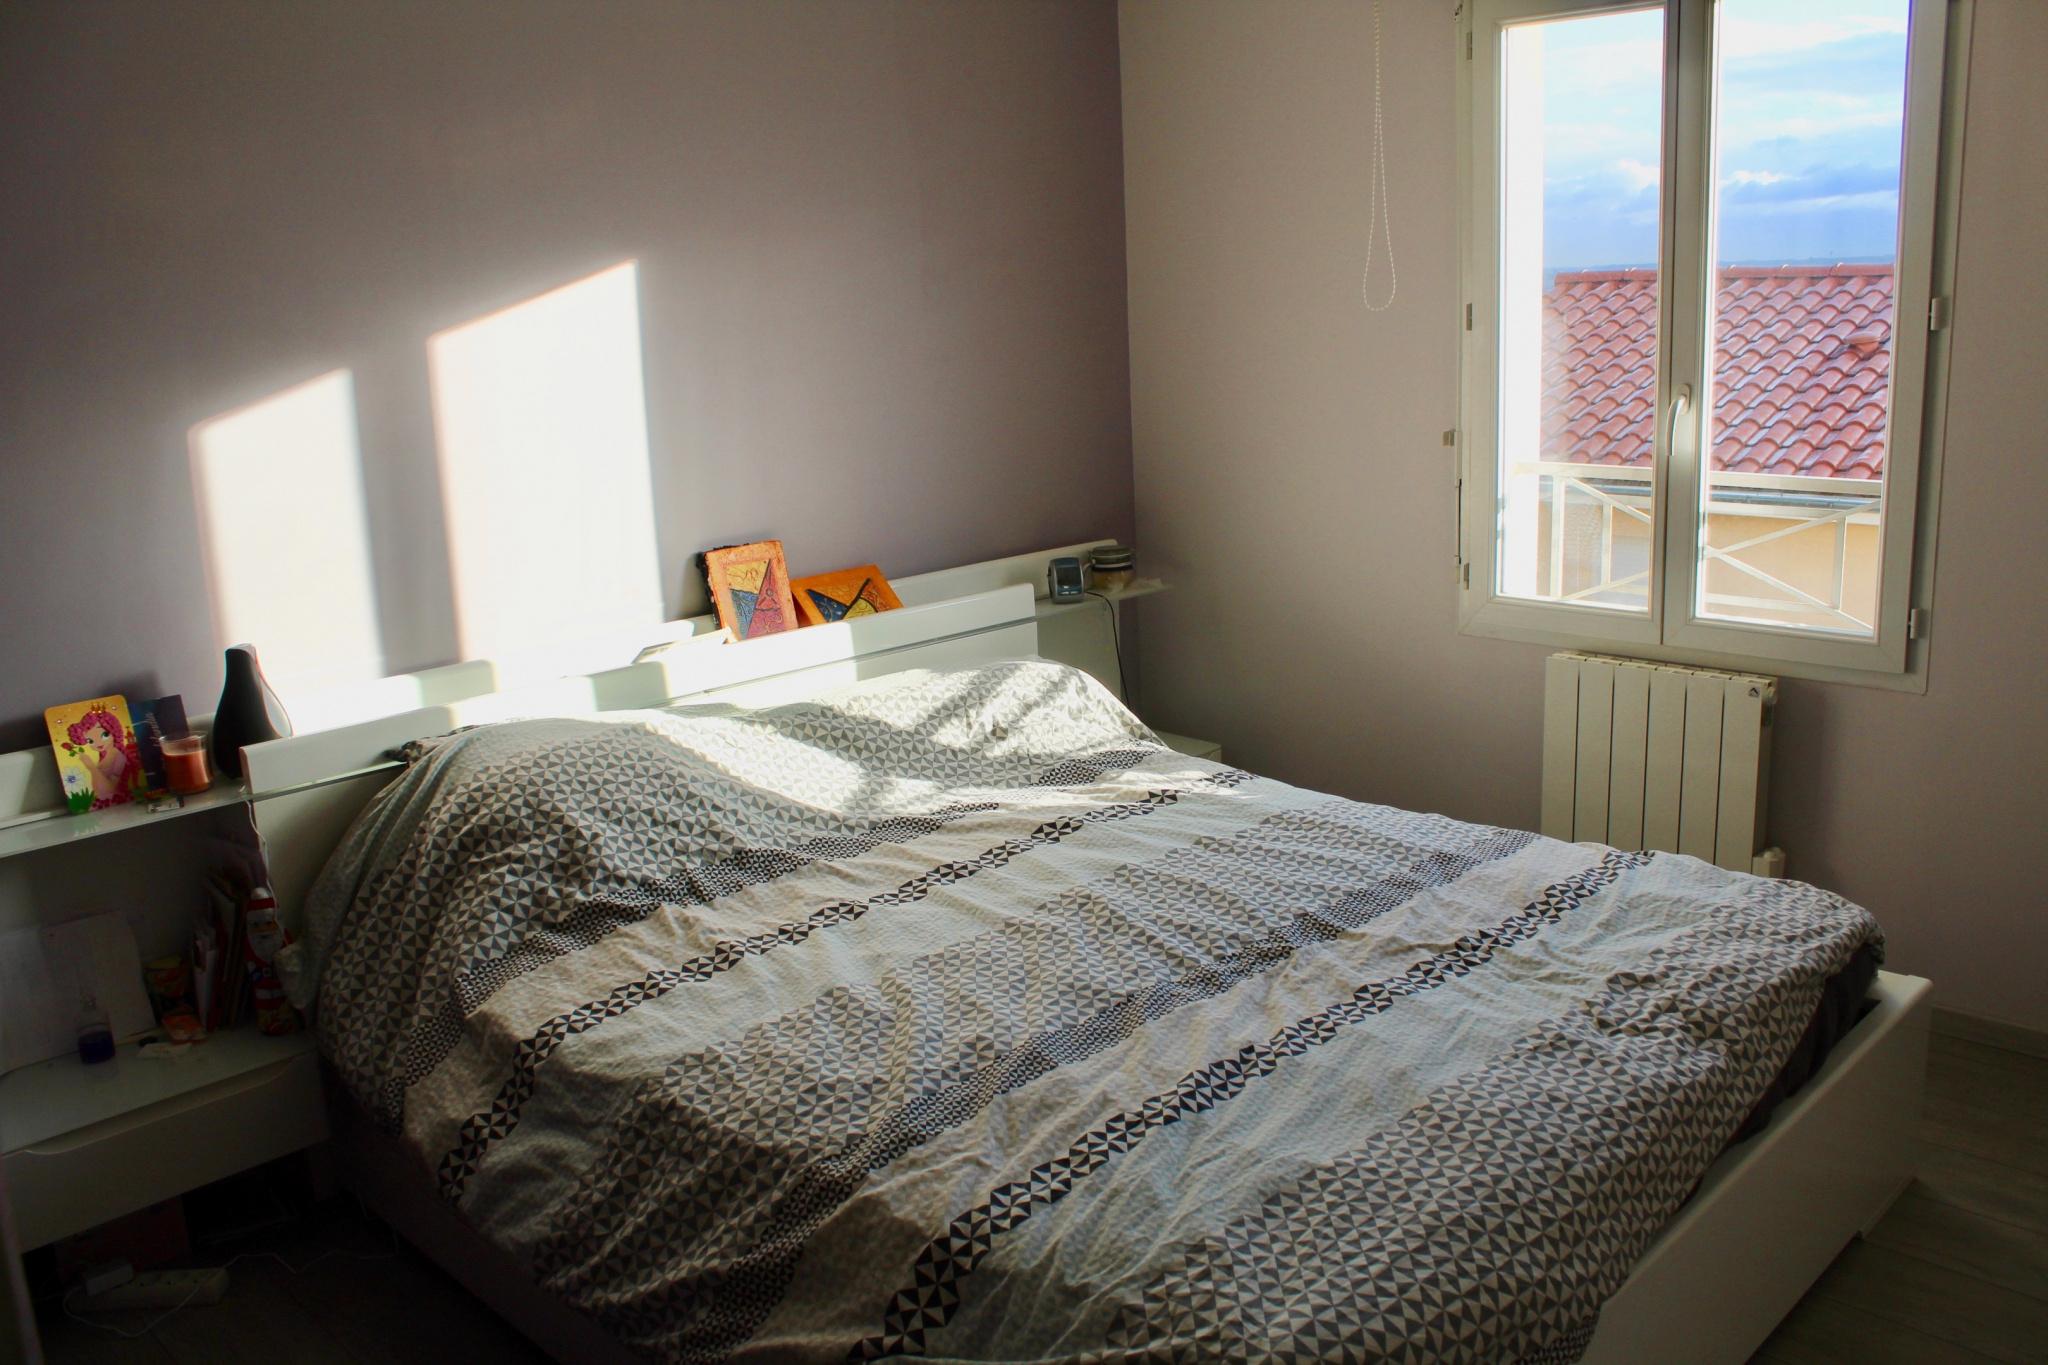 vente Maison 150 m2 5 chambres